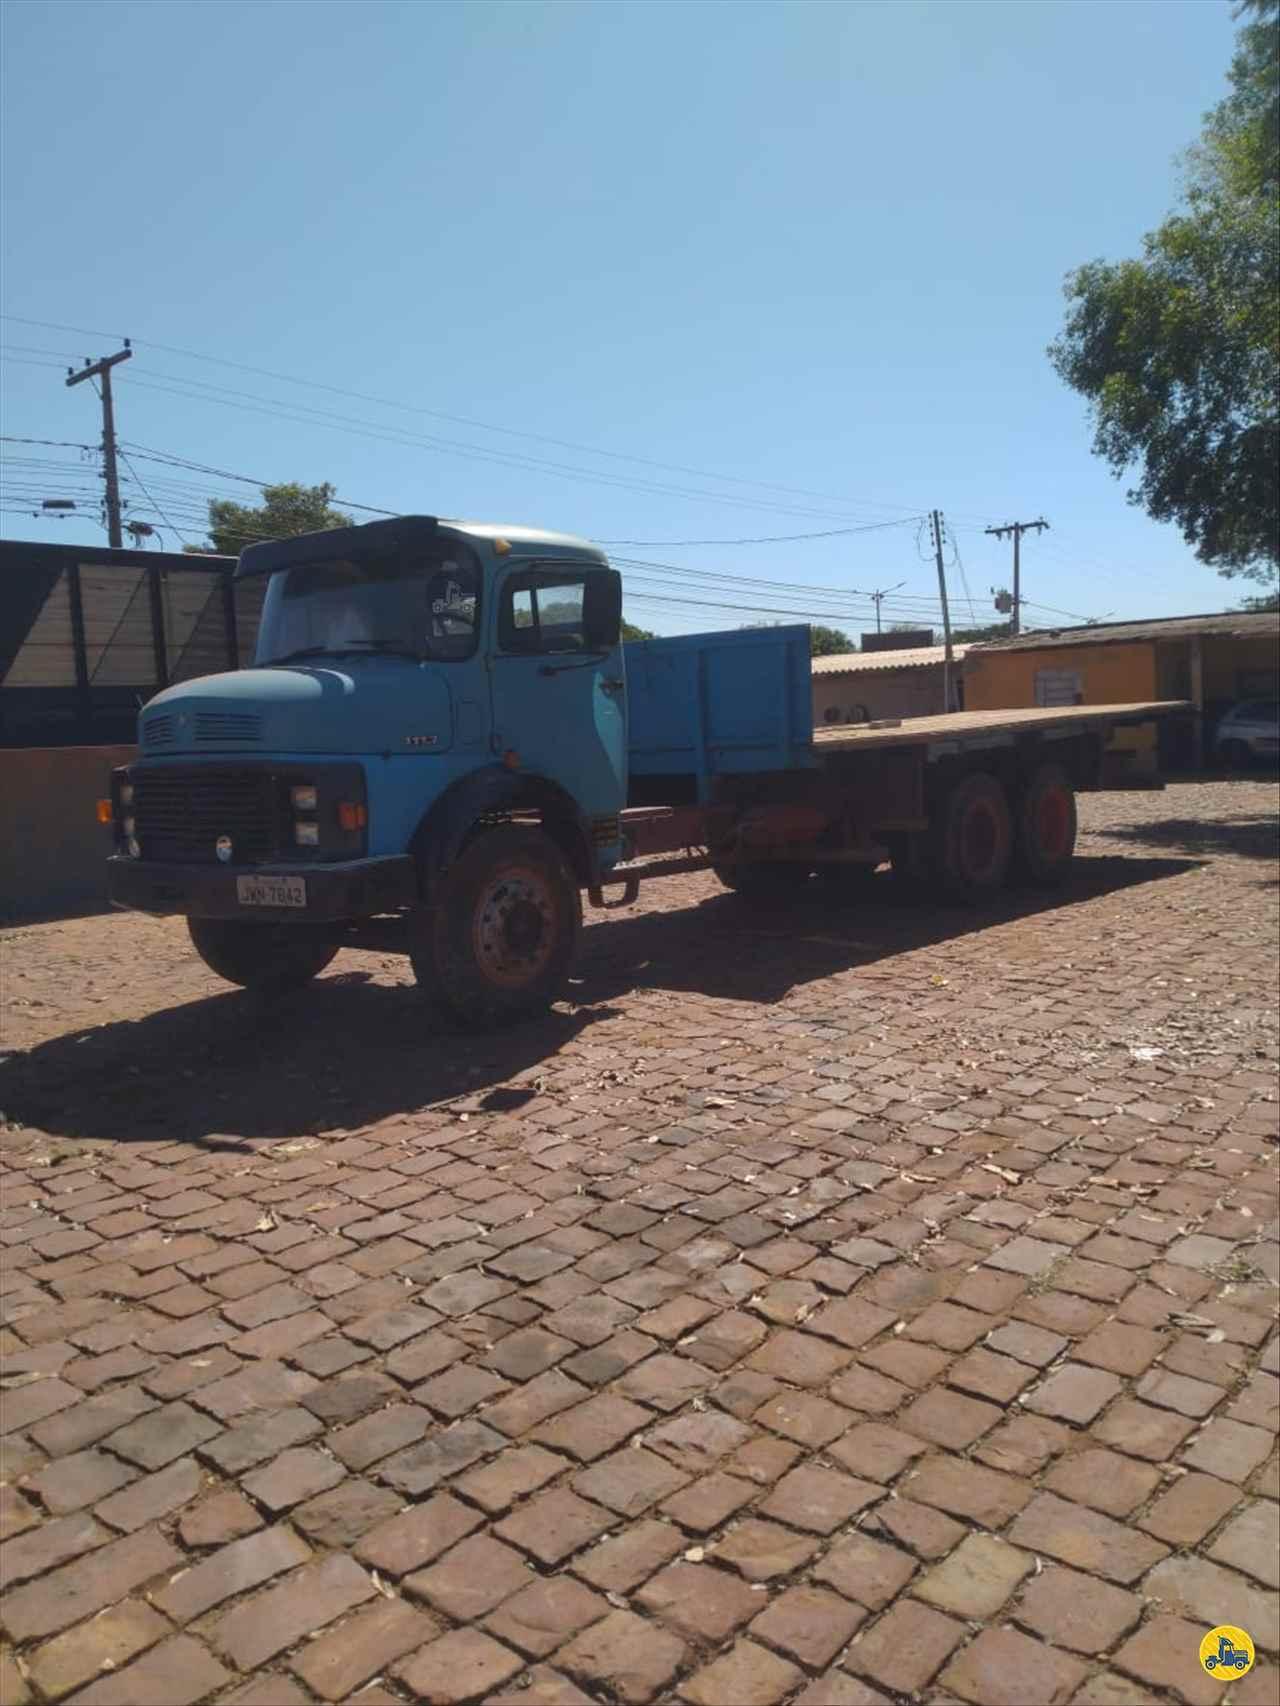 CAMINHAO MERCEDES-BENZ MB 1113 Cavalo Mecânico Truck 6x2 Vilson Caminhões  RONDONOPOLIS MATO GROSSO MT